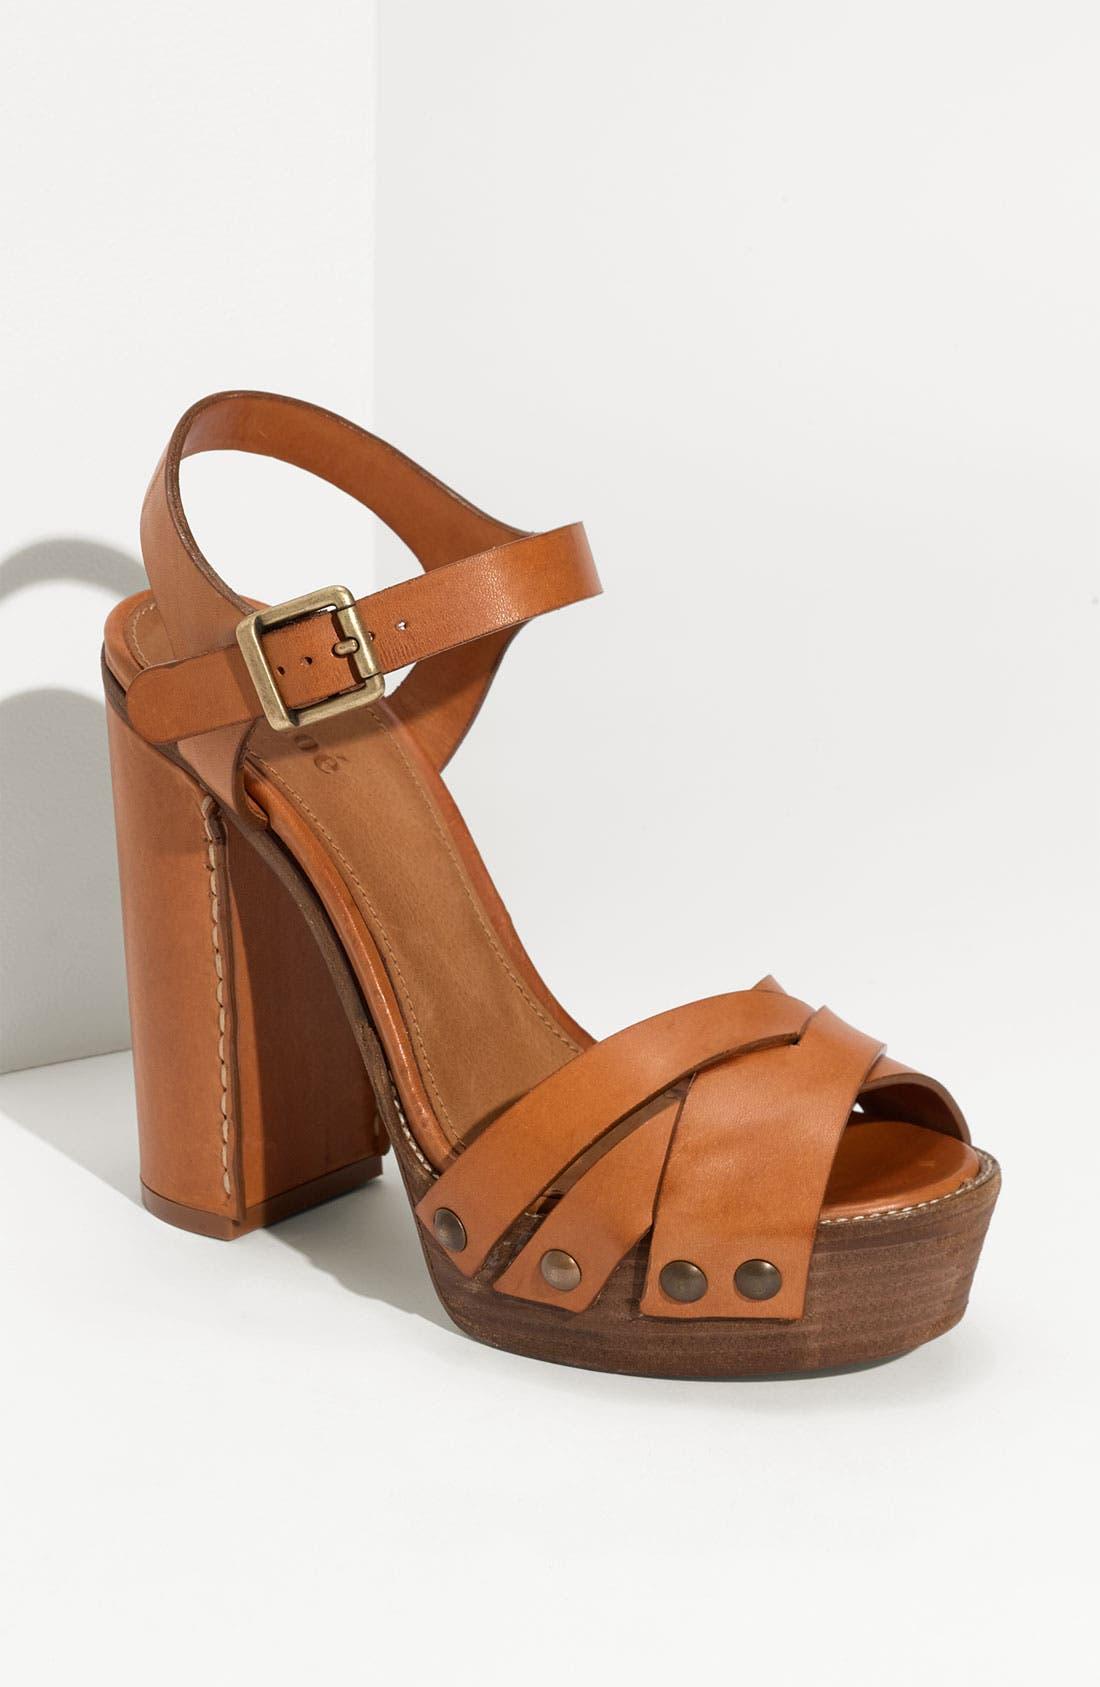 Main Image - Chloé Platform Sandal